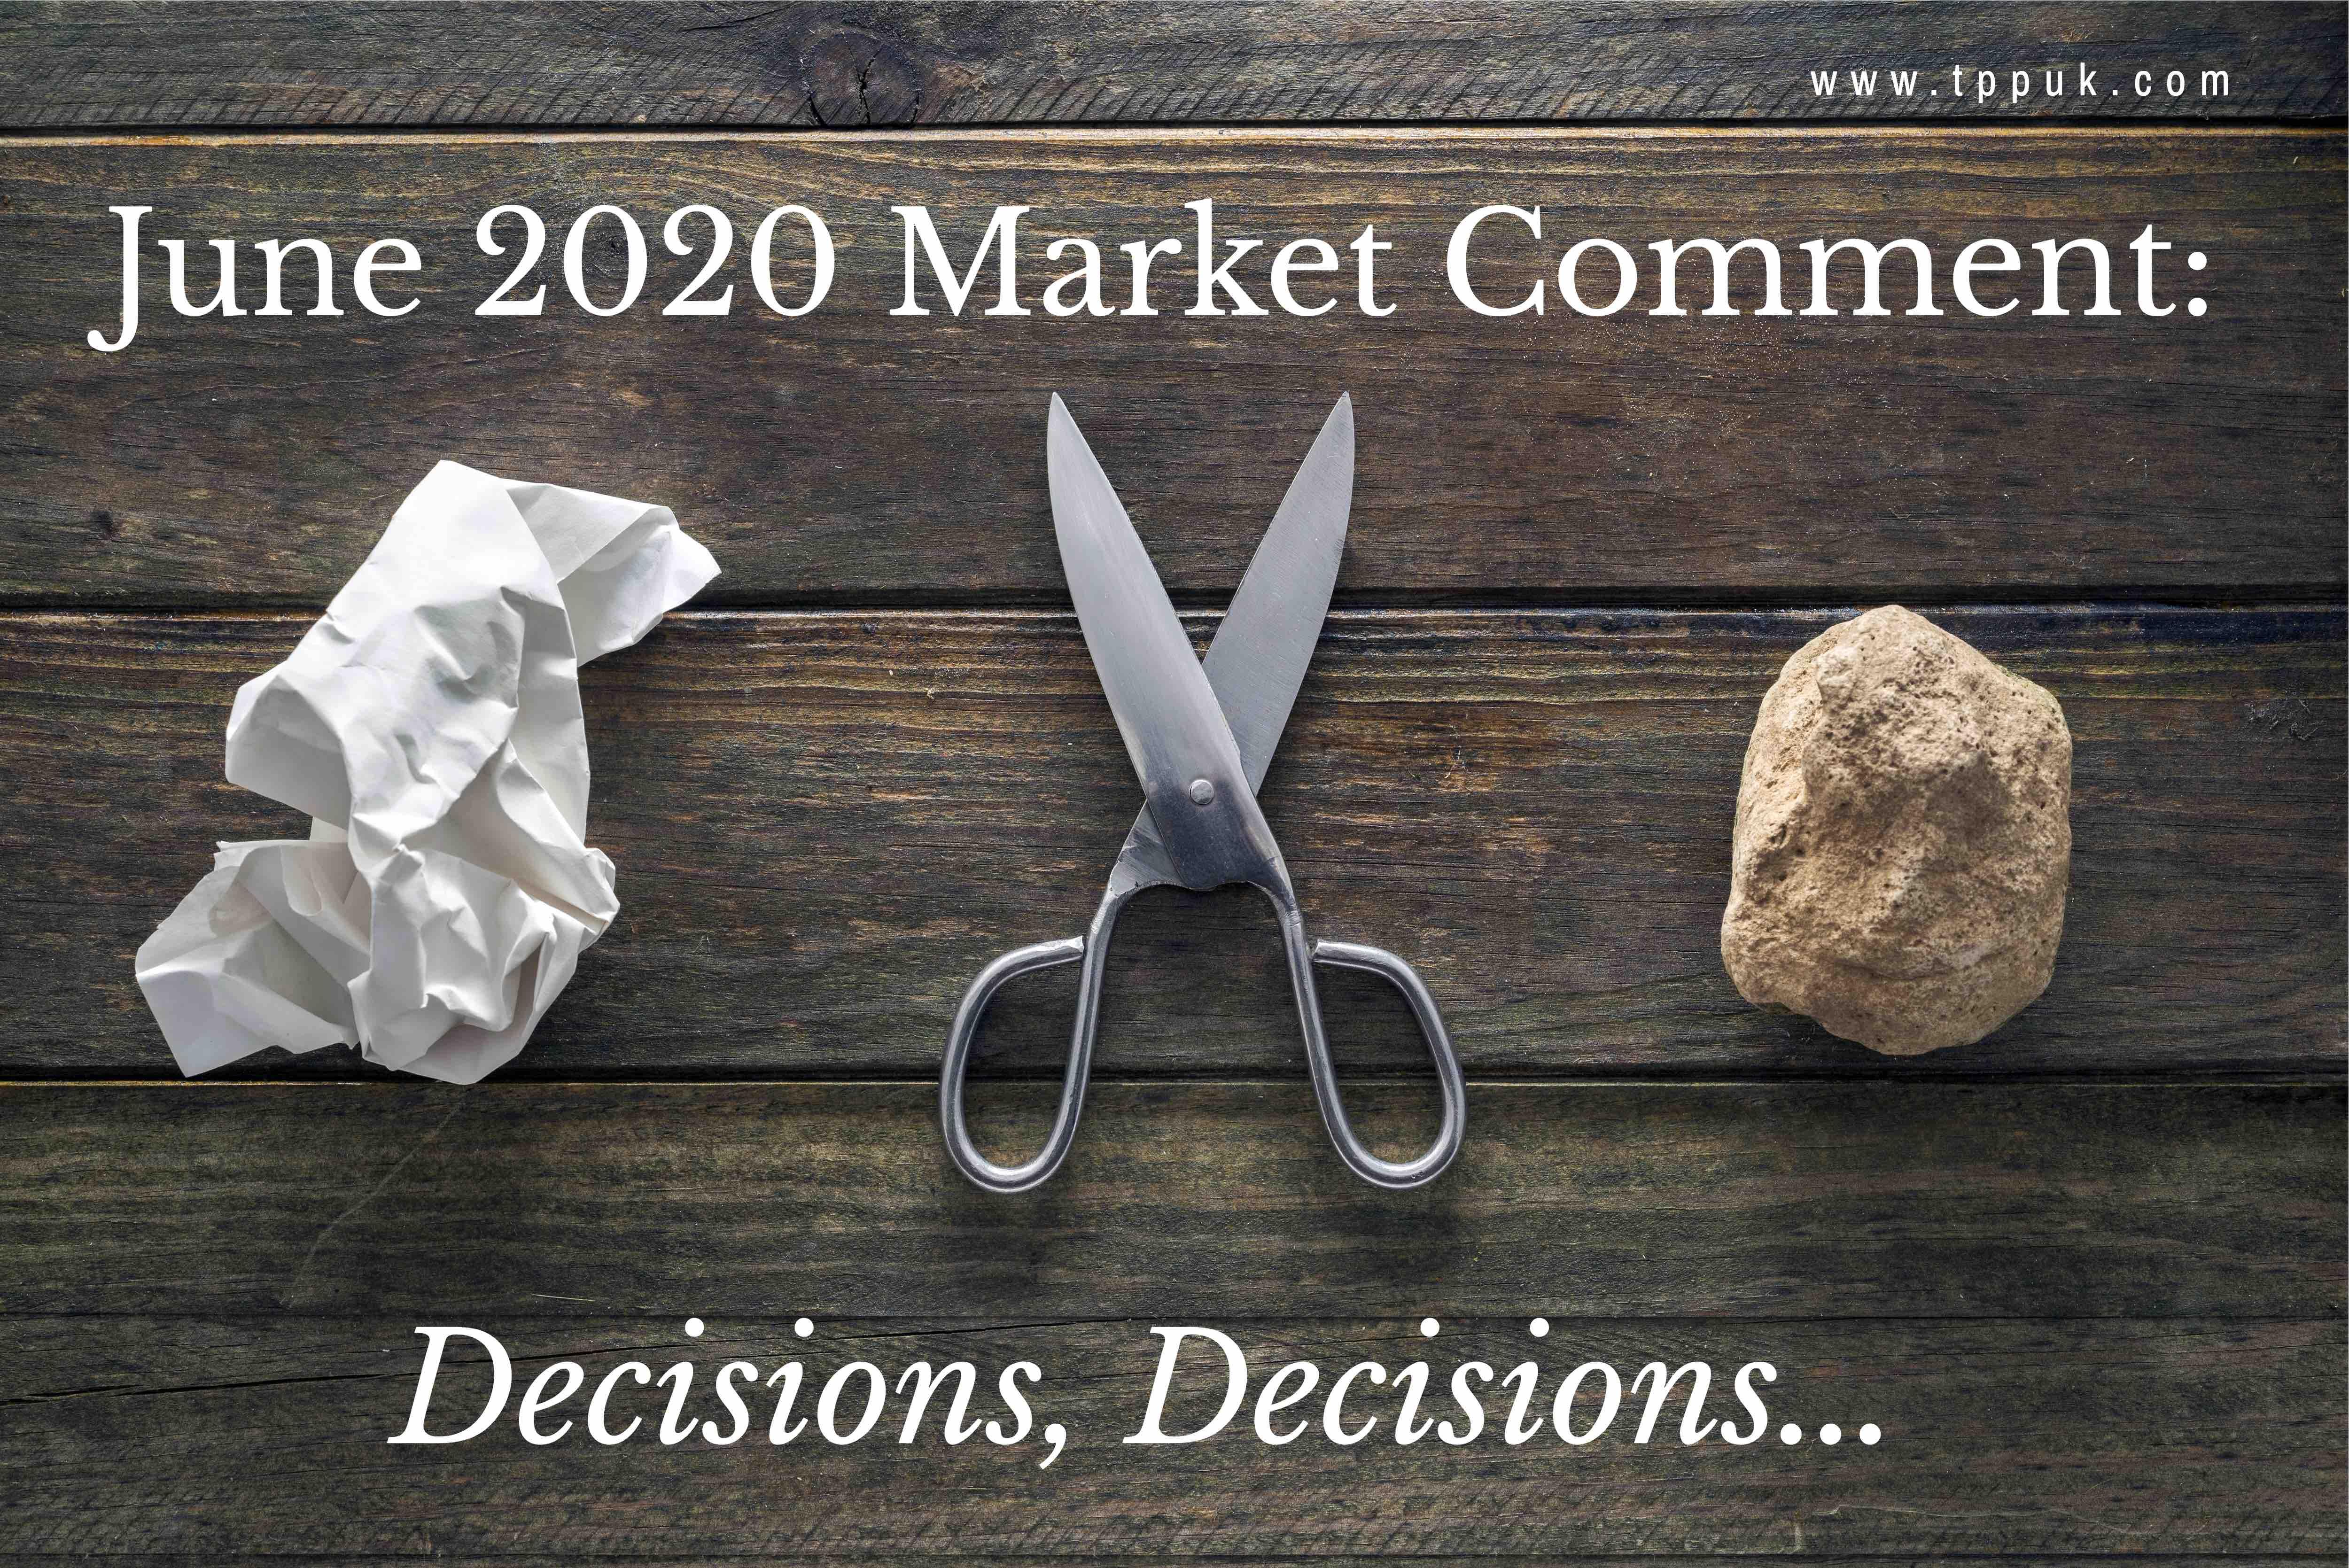 Decisions, Decisions..... June 2020 Market Comment: